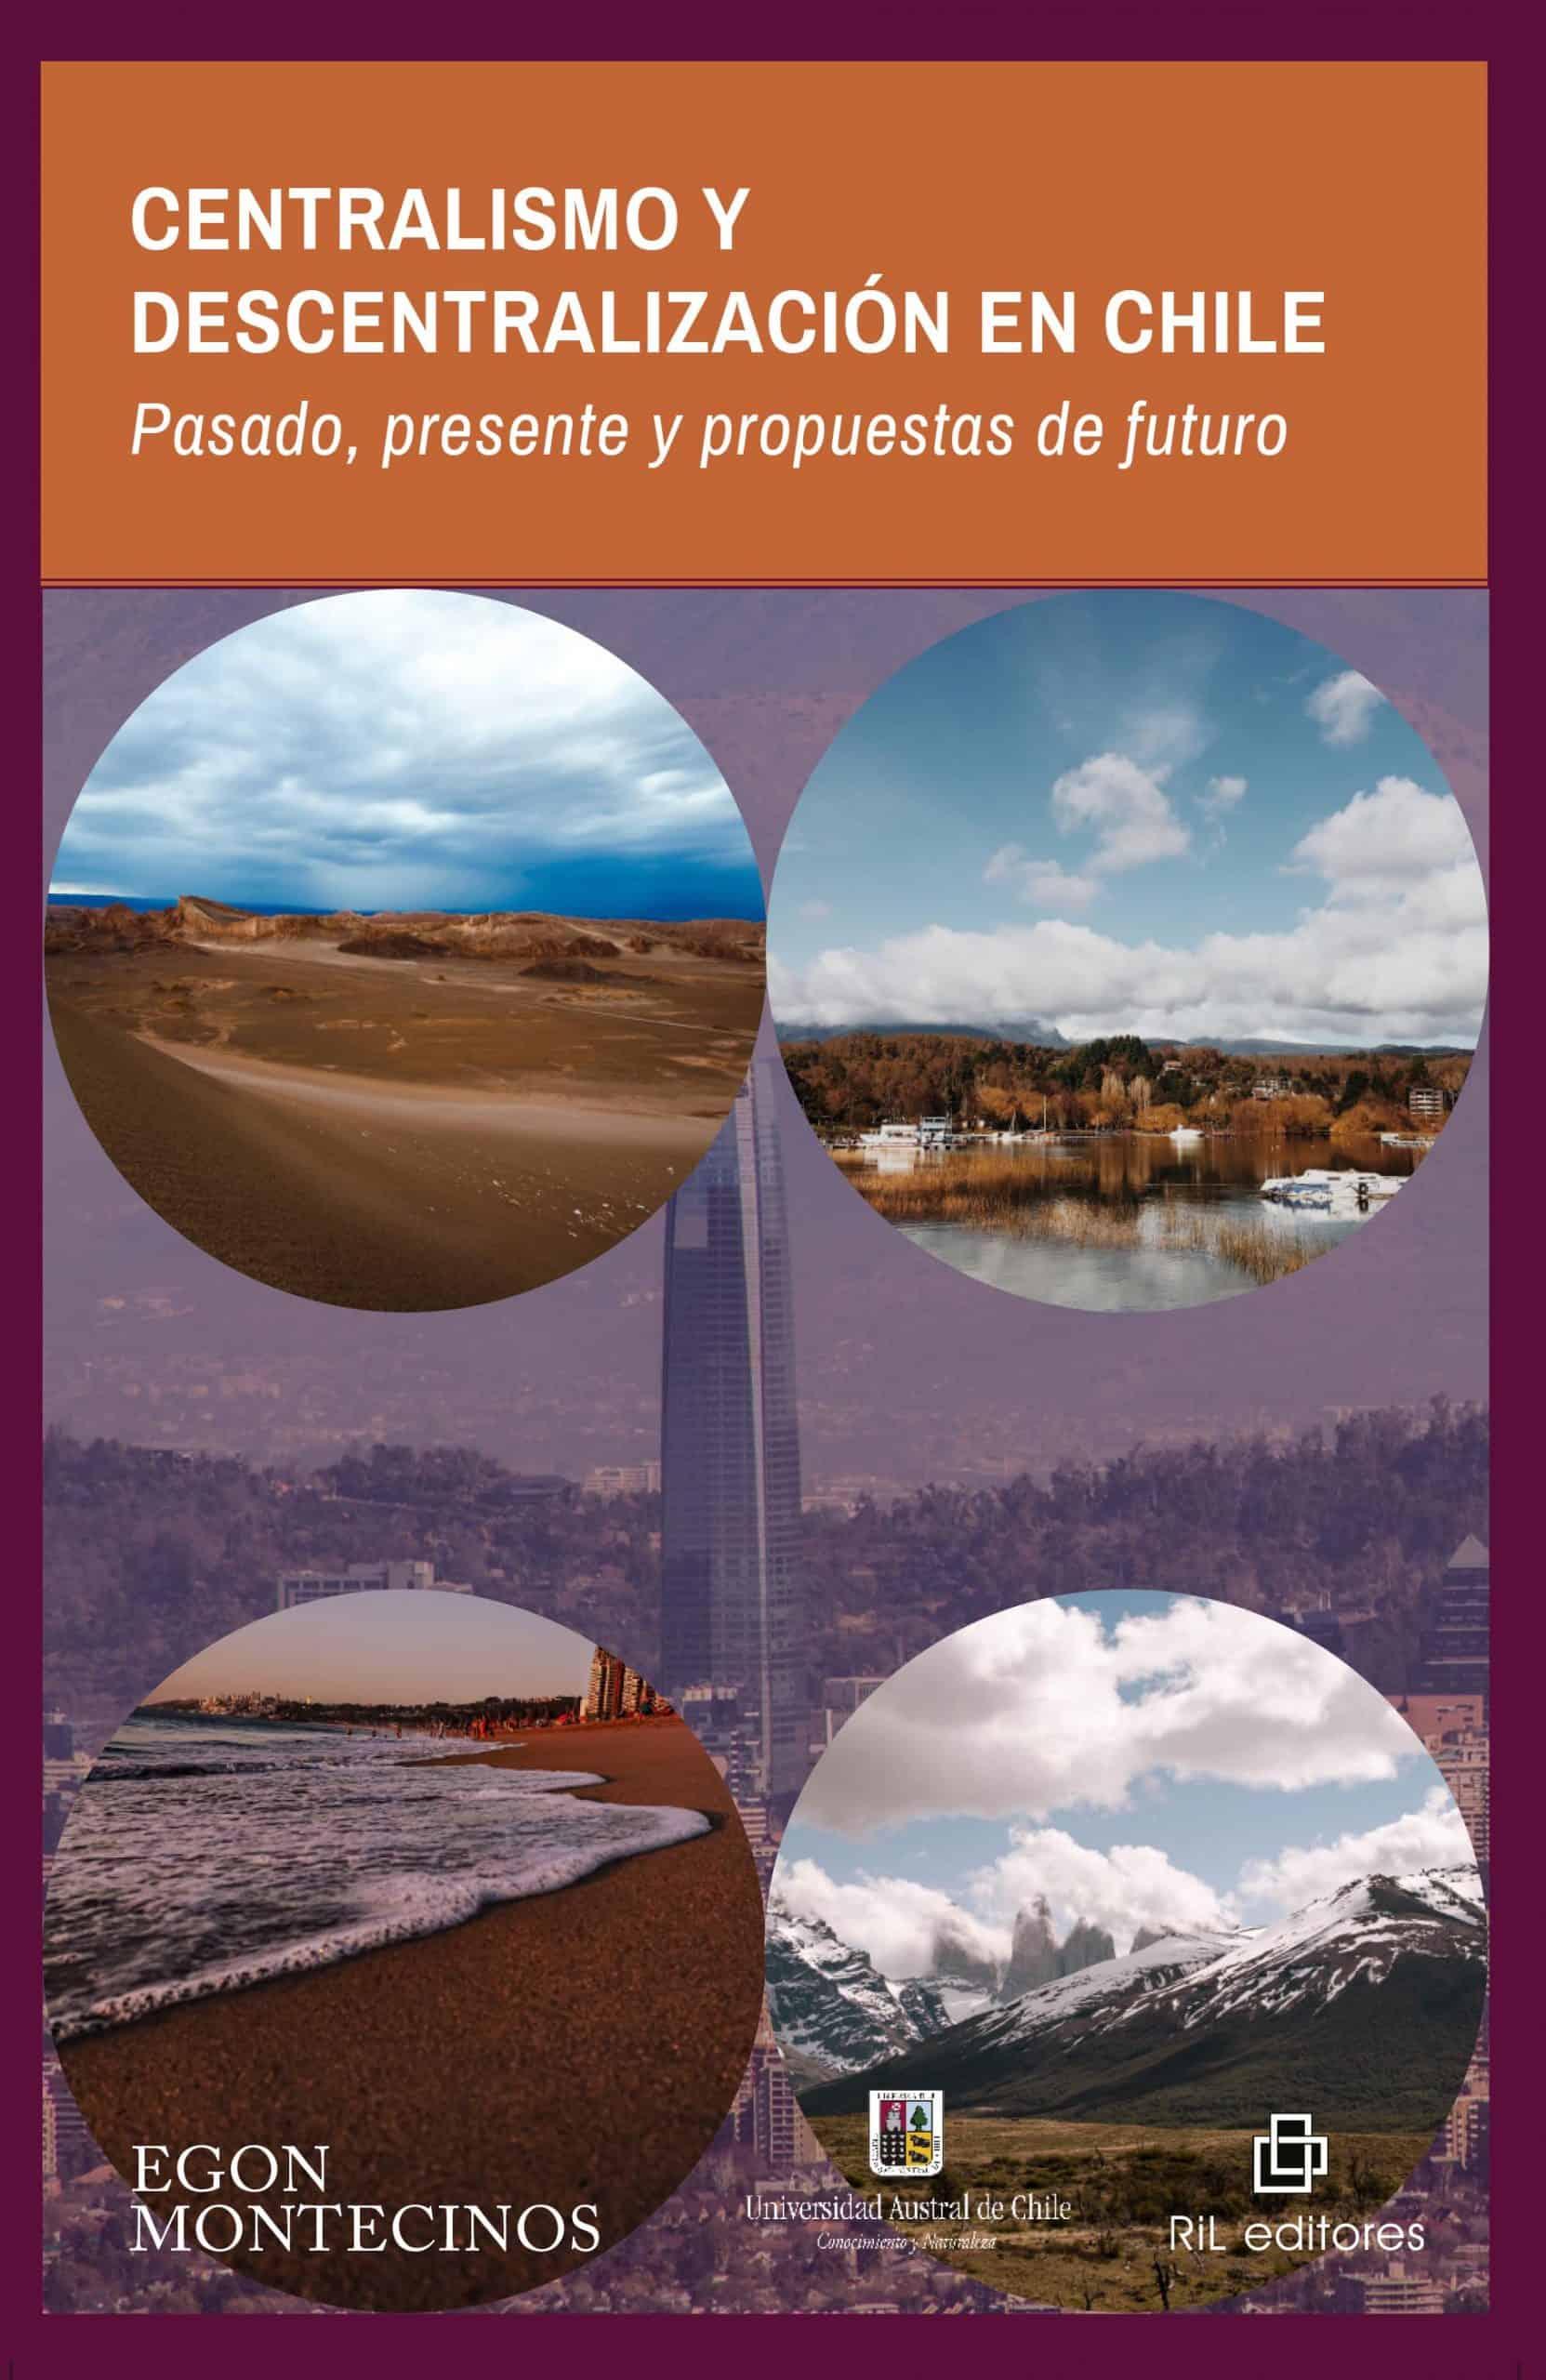 Centralismo y Descentralización en Chile: Pasado, presente y propuestas de futuro 1